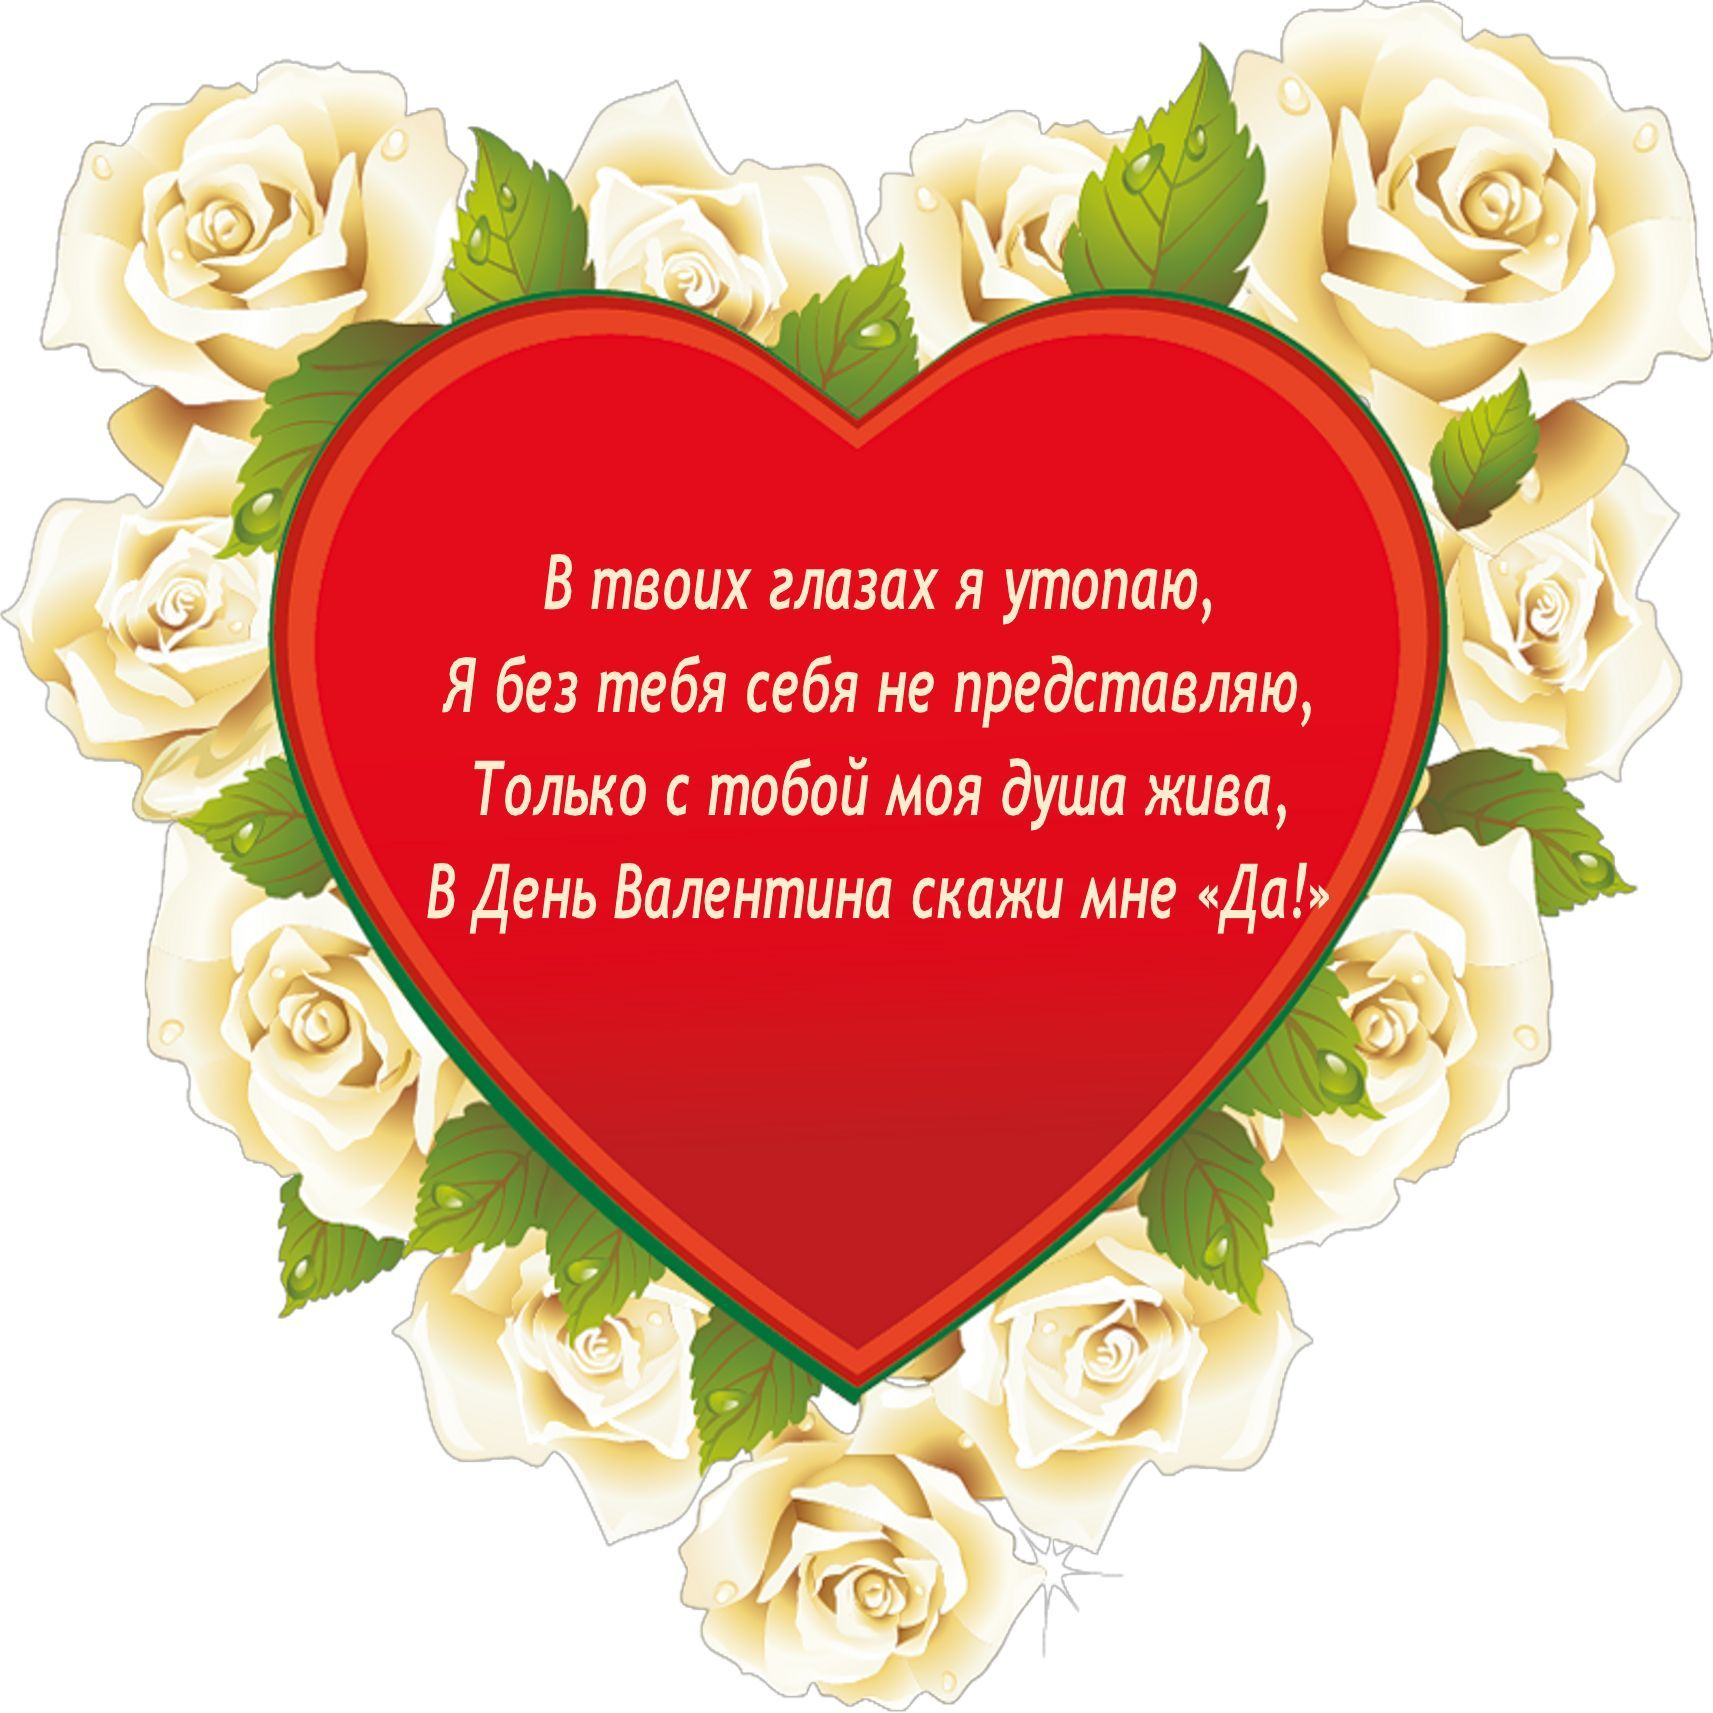 Стихи ко дню валентина маме